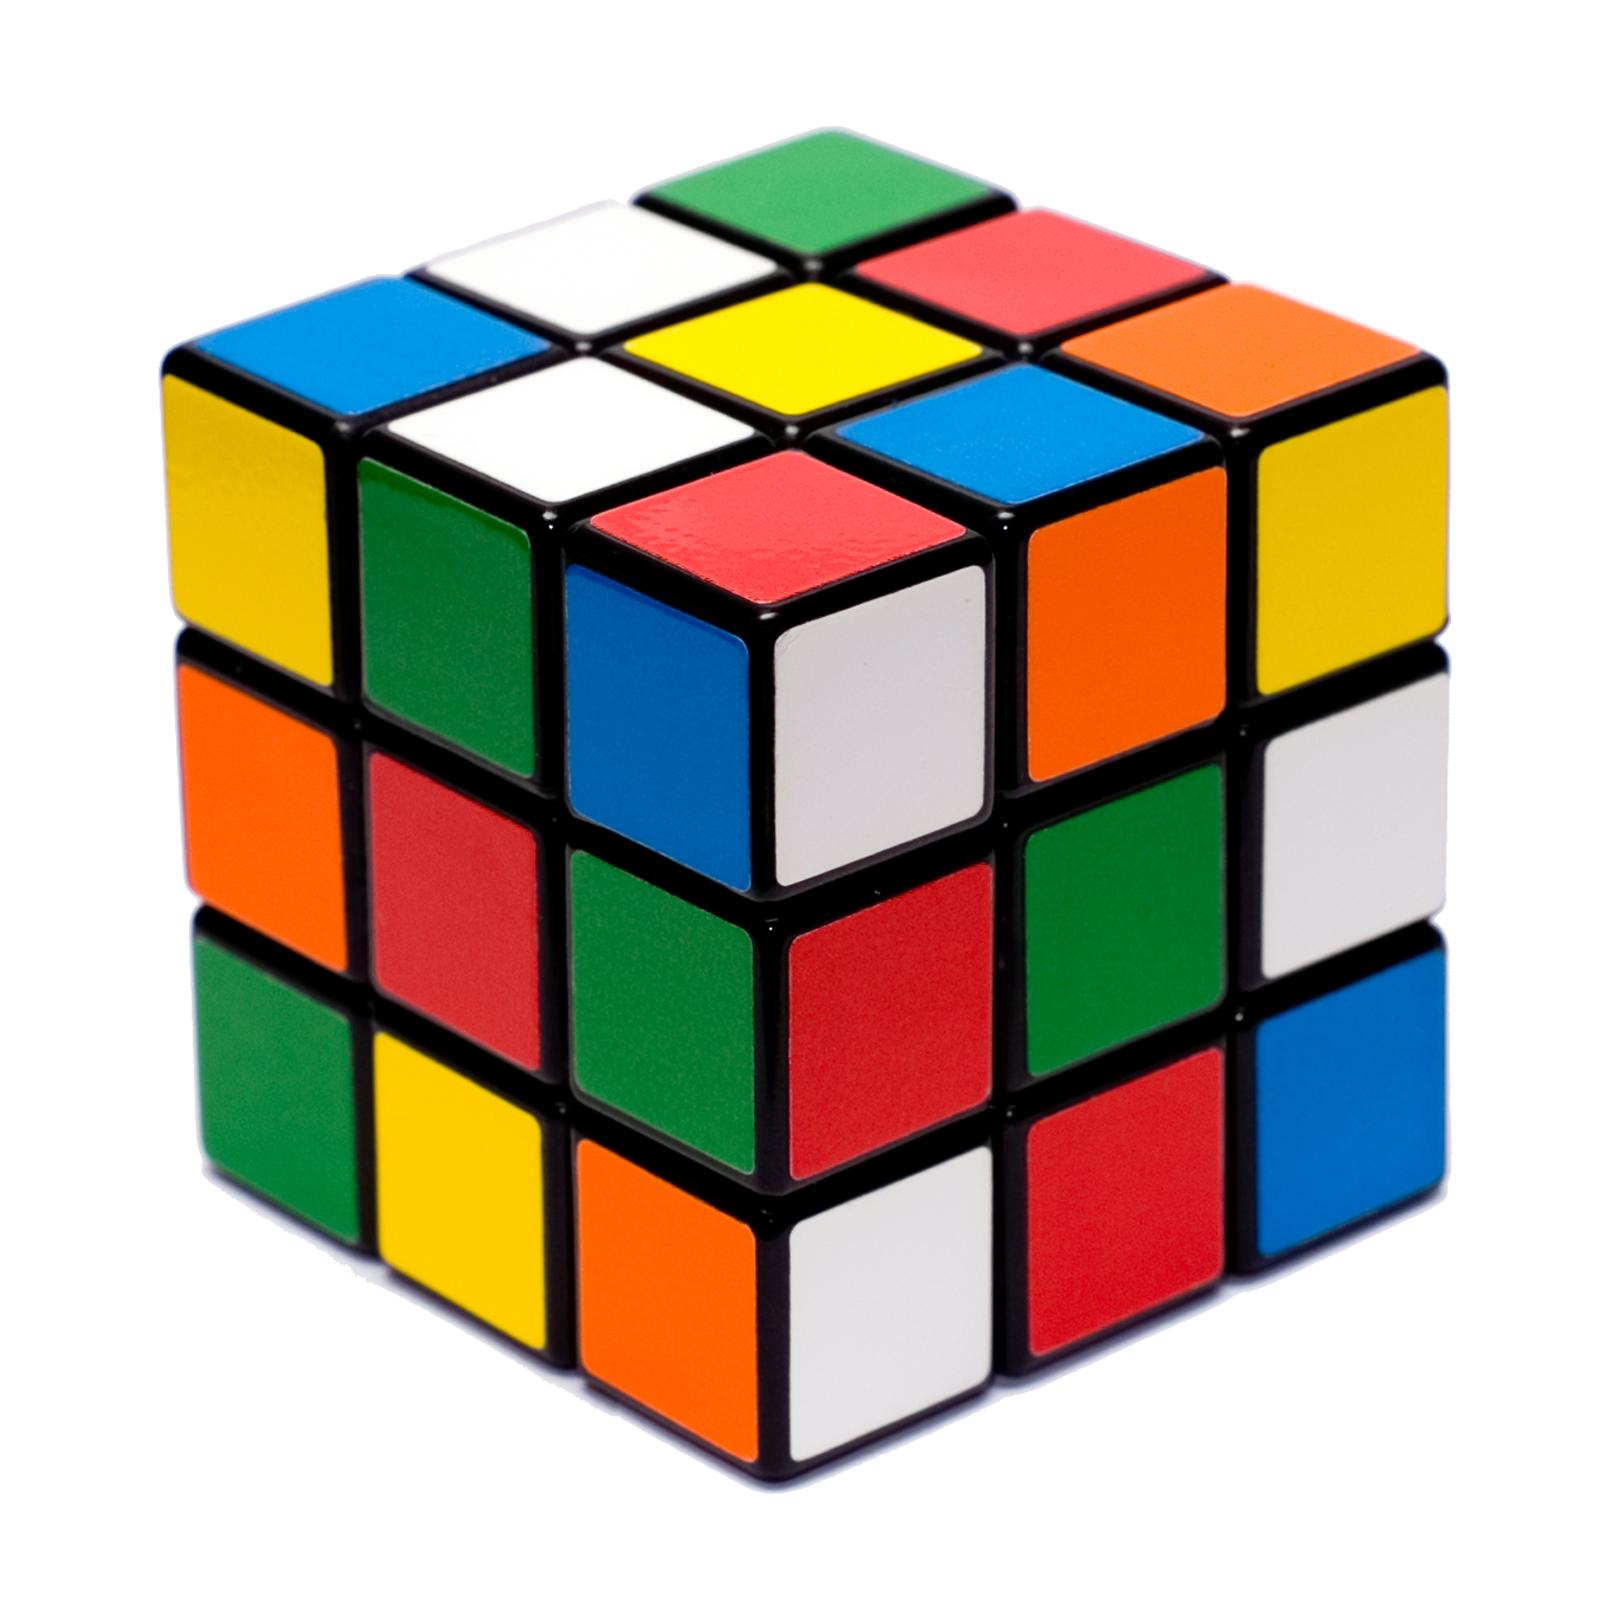 Les records du monde de Rubik's Cube